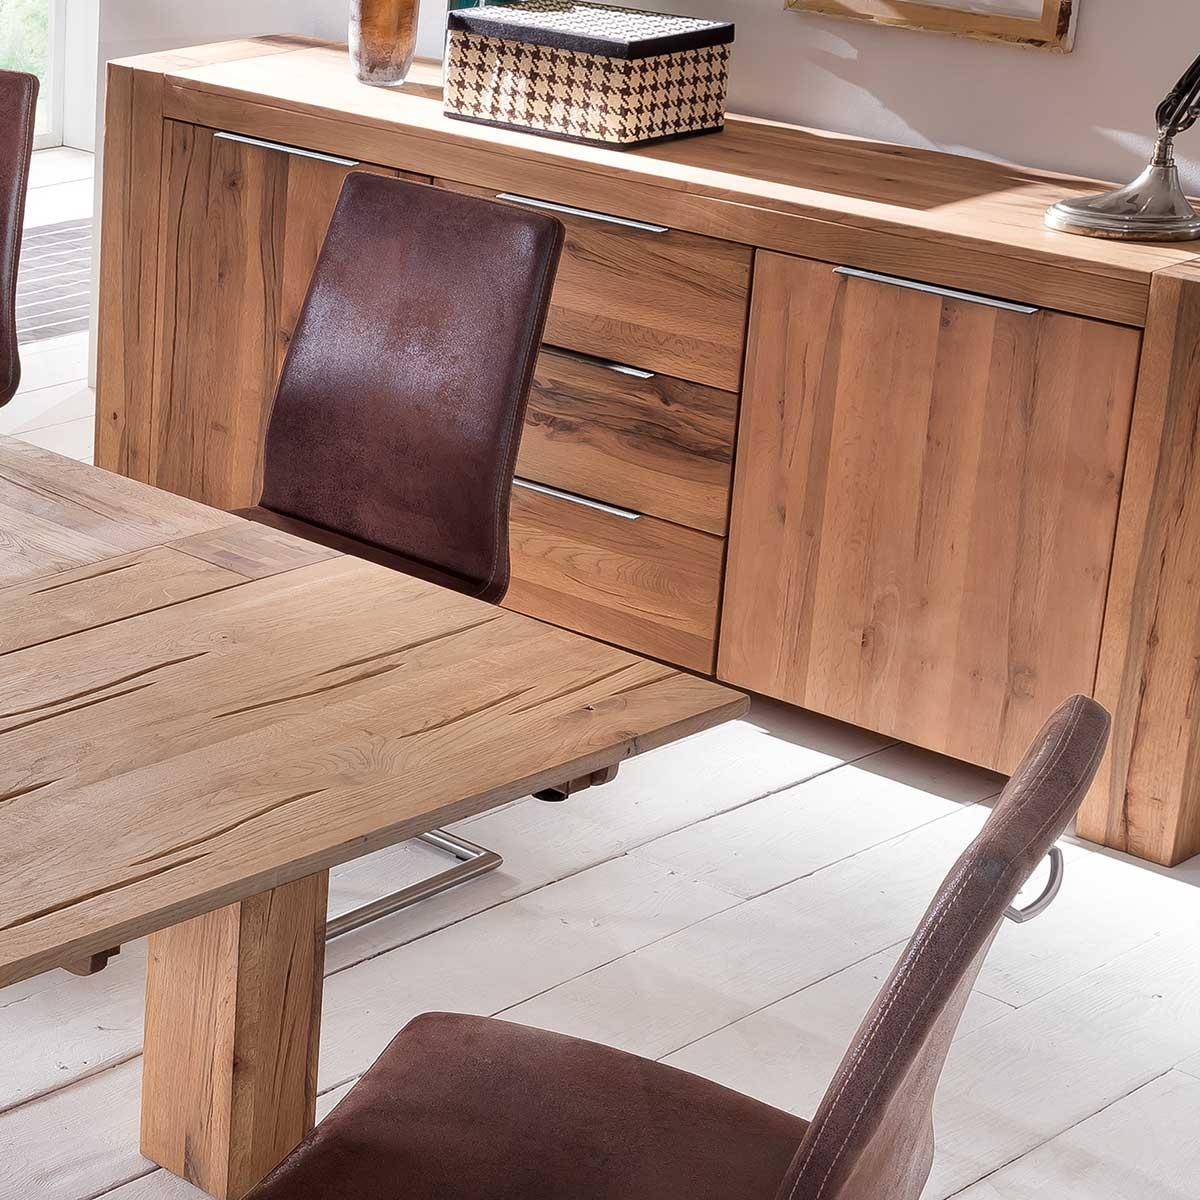 sideboard granby in eiche natur ge lt 205 cm breit. Black Bedroom Furniture Sets. Home Design Ideas